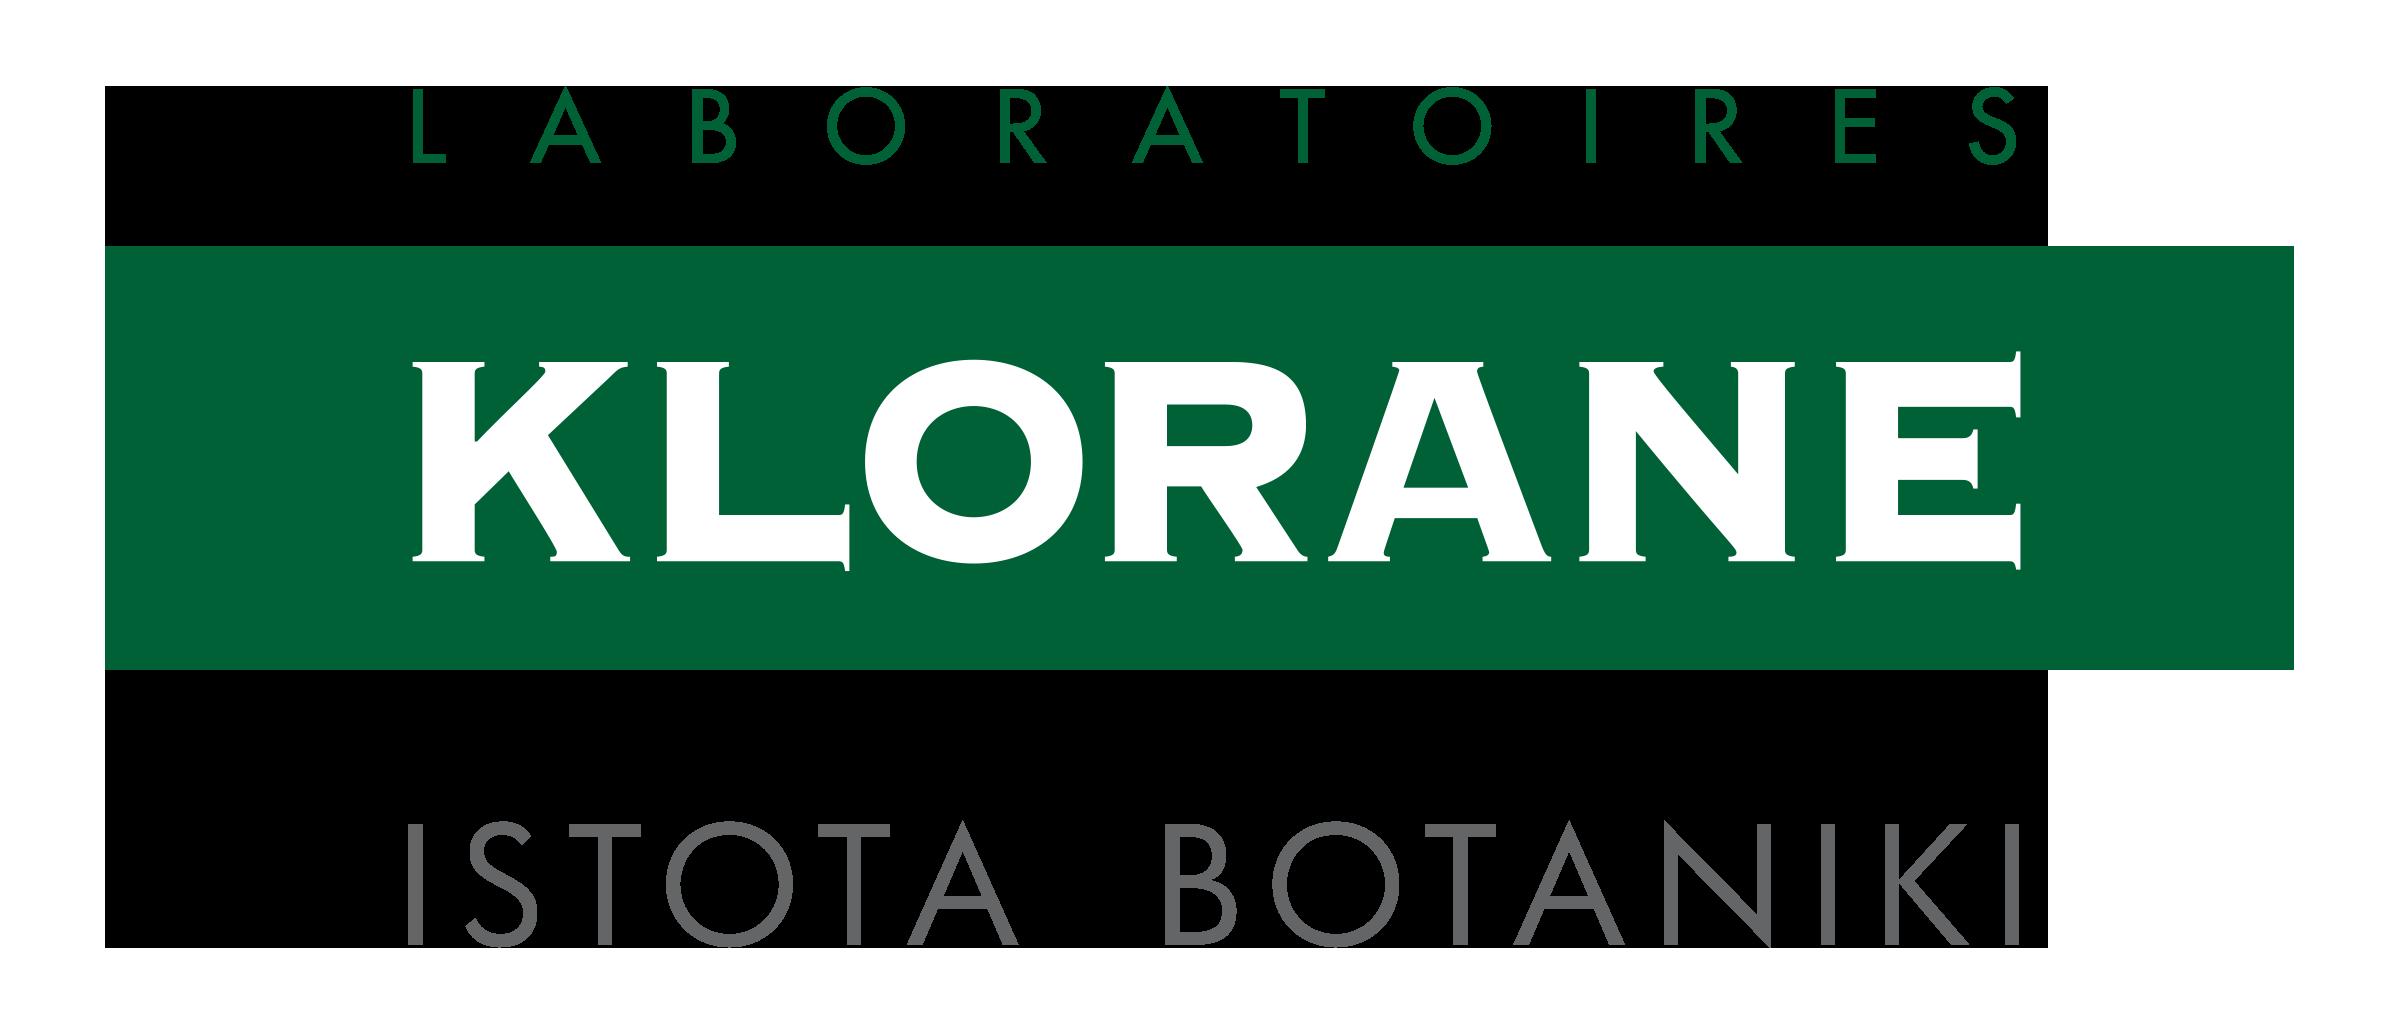 Laboratoria KLORANE